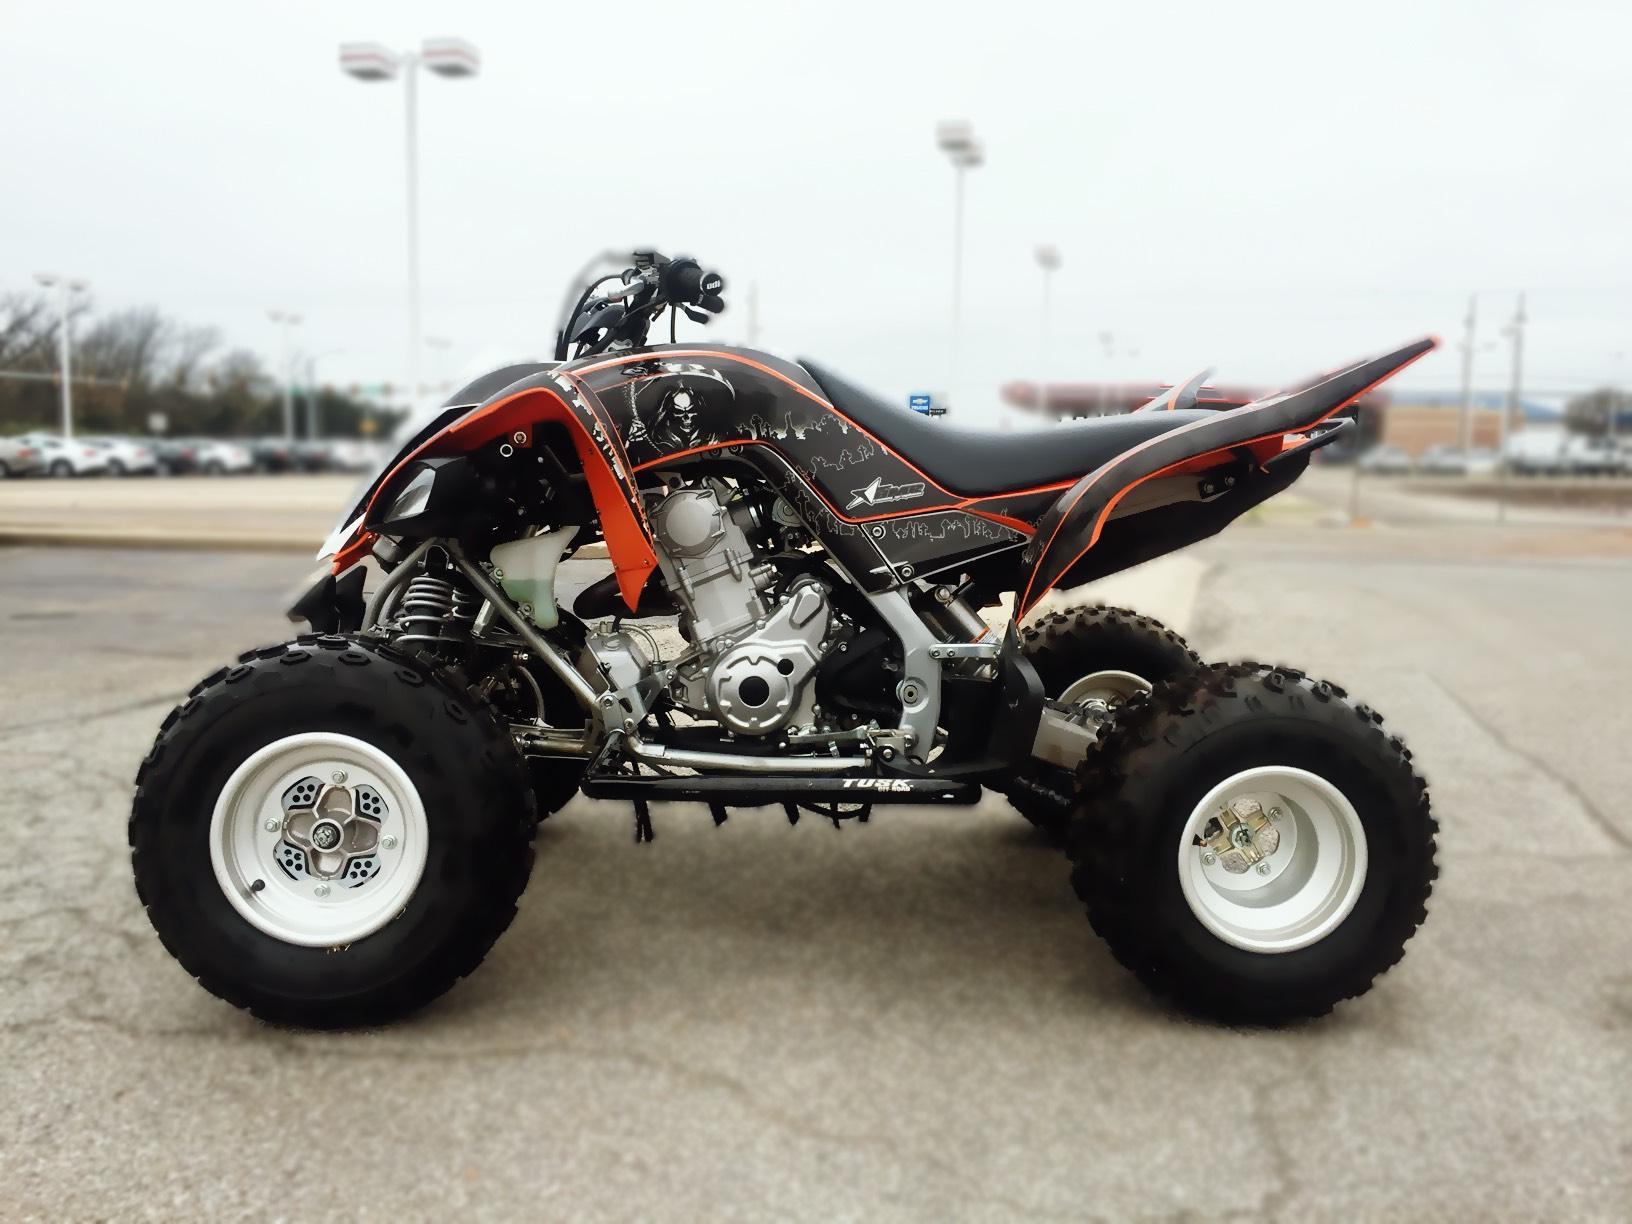 2014 Yamaha Raptor 700 4